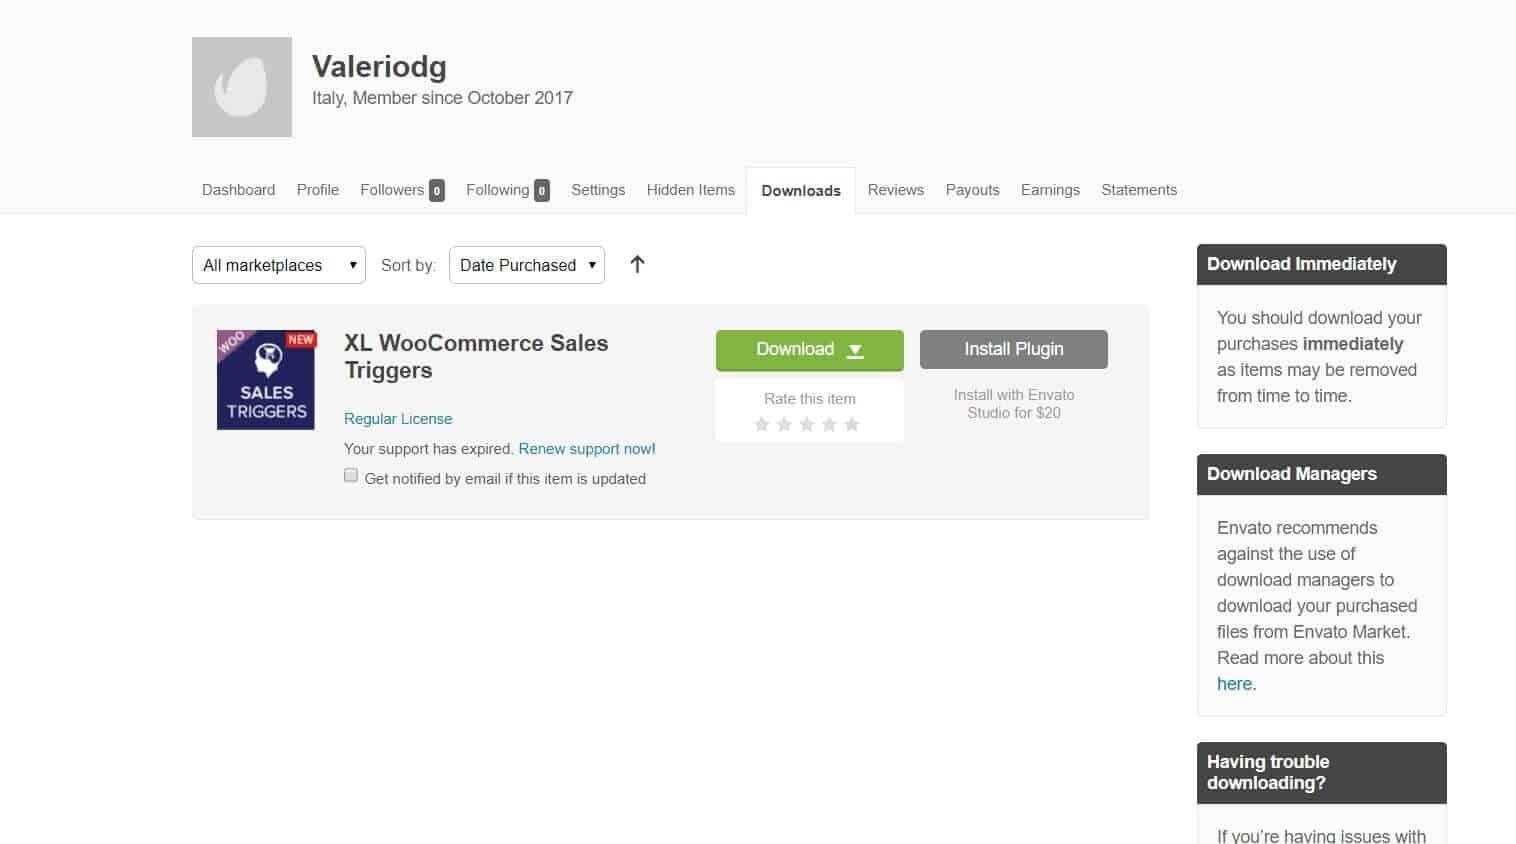 La pagina downloads di themeforest